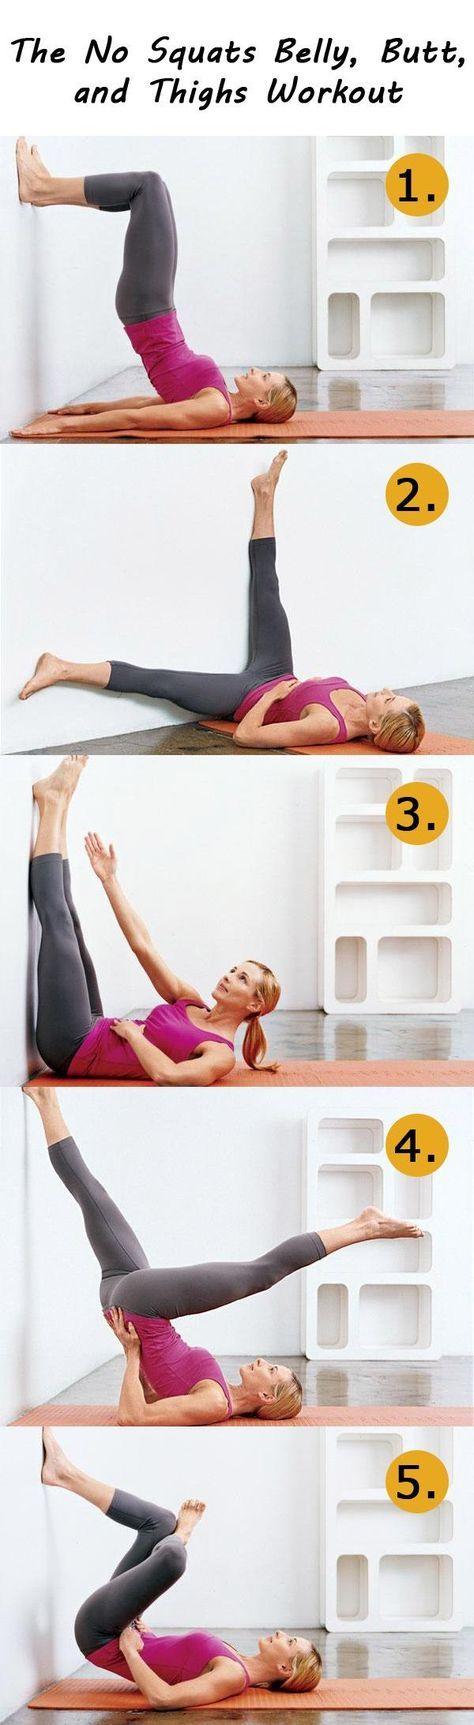 Con esta fantástica rutina de ejercicios usted será capaz de aplanar el vientre, los muslos y reafirmar los glúteos en 2 semanas!